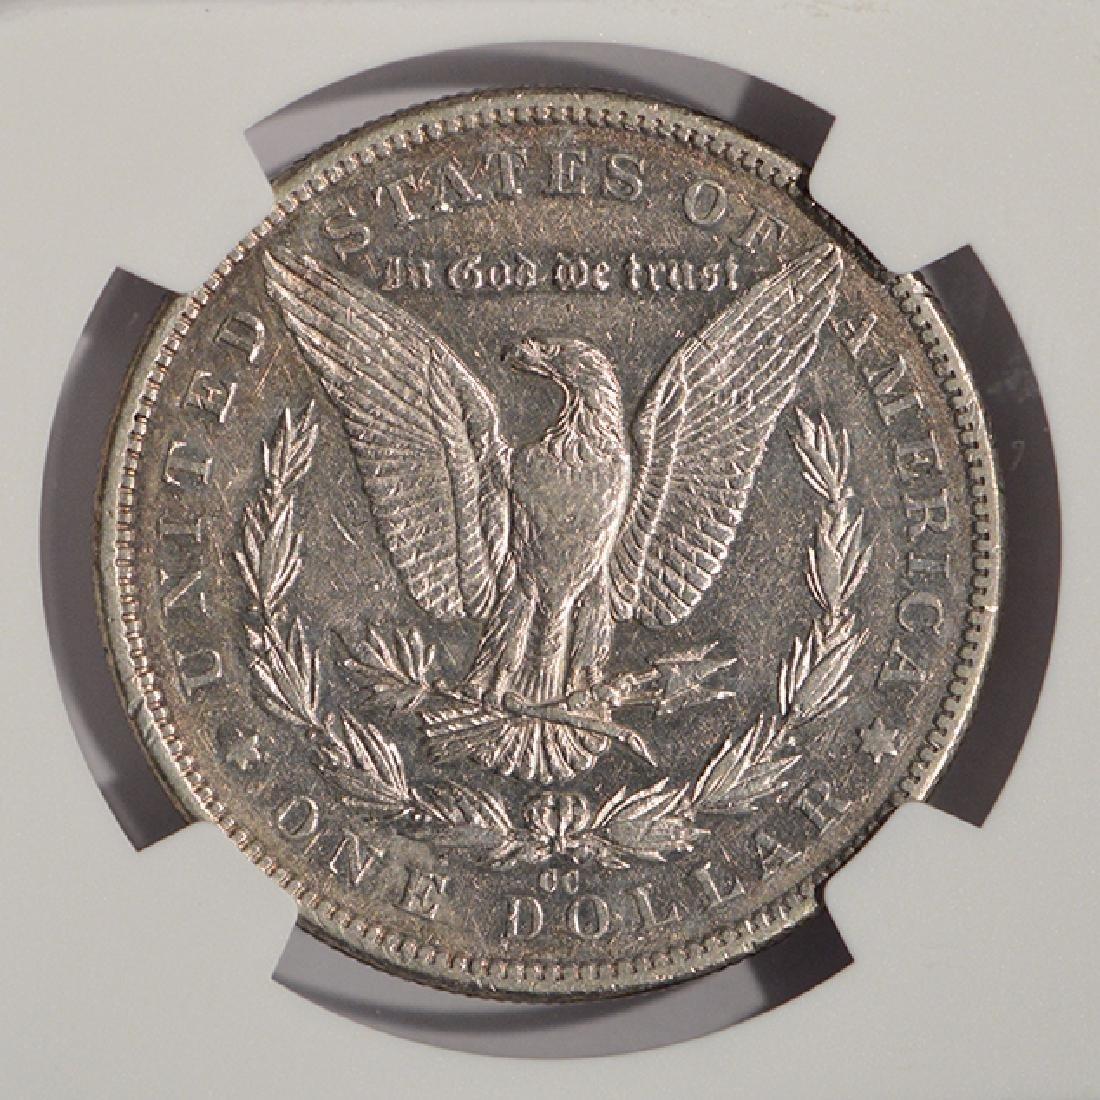 1889-CC $1 Morgan Silver Dollar Coin NGC XF45 - 4